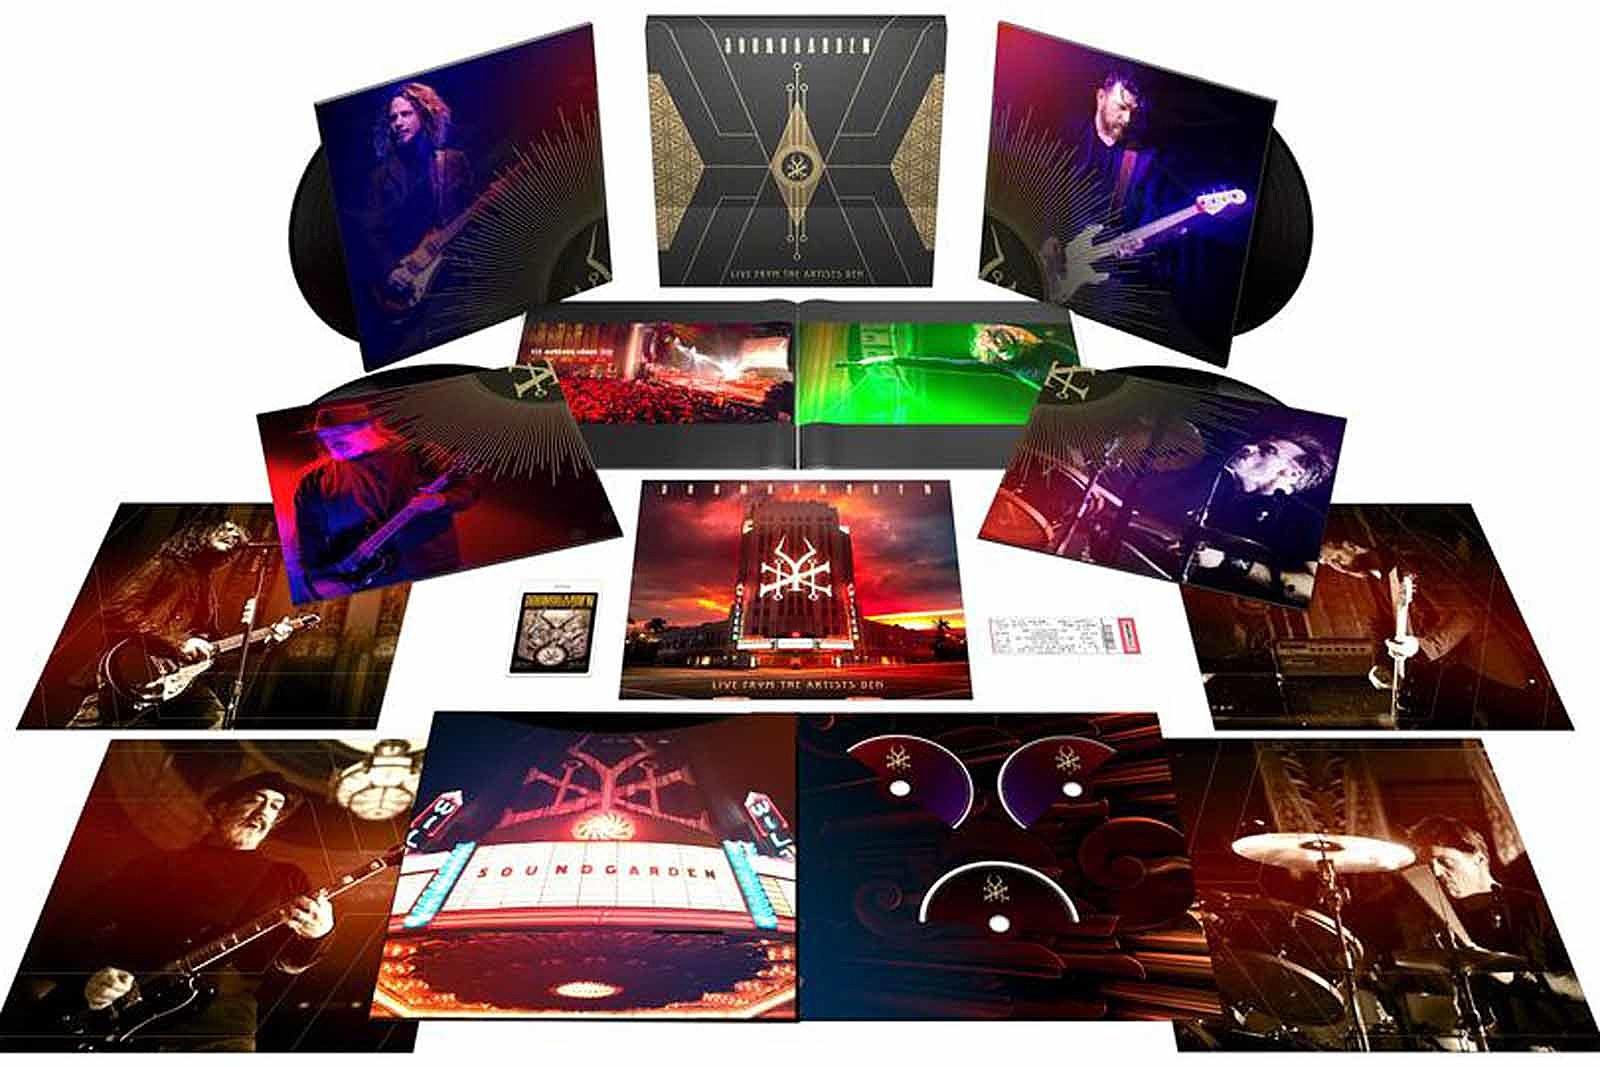 Resultado de imagem para Soundgarden: Live From The Artists Den